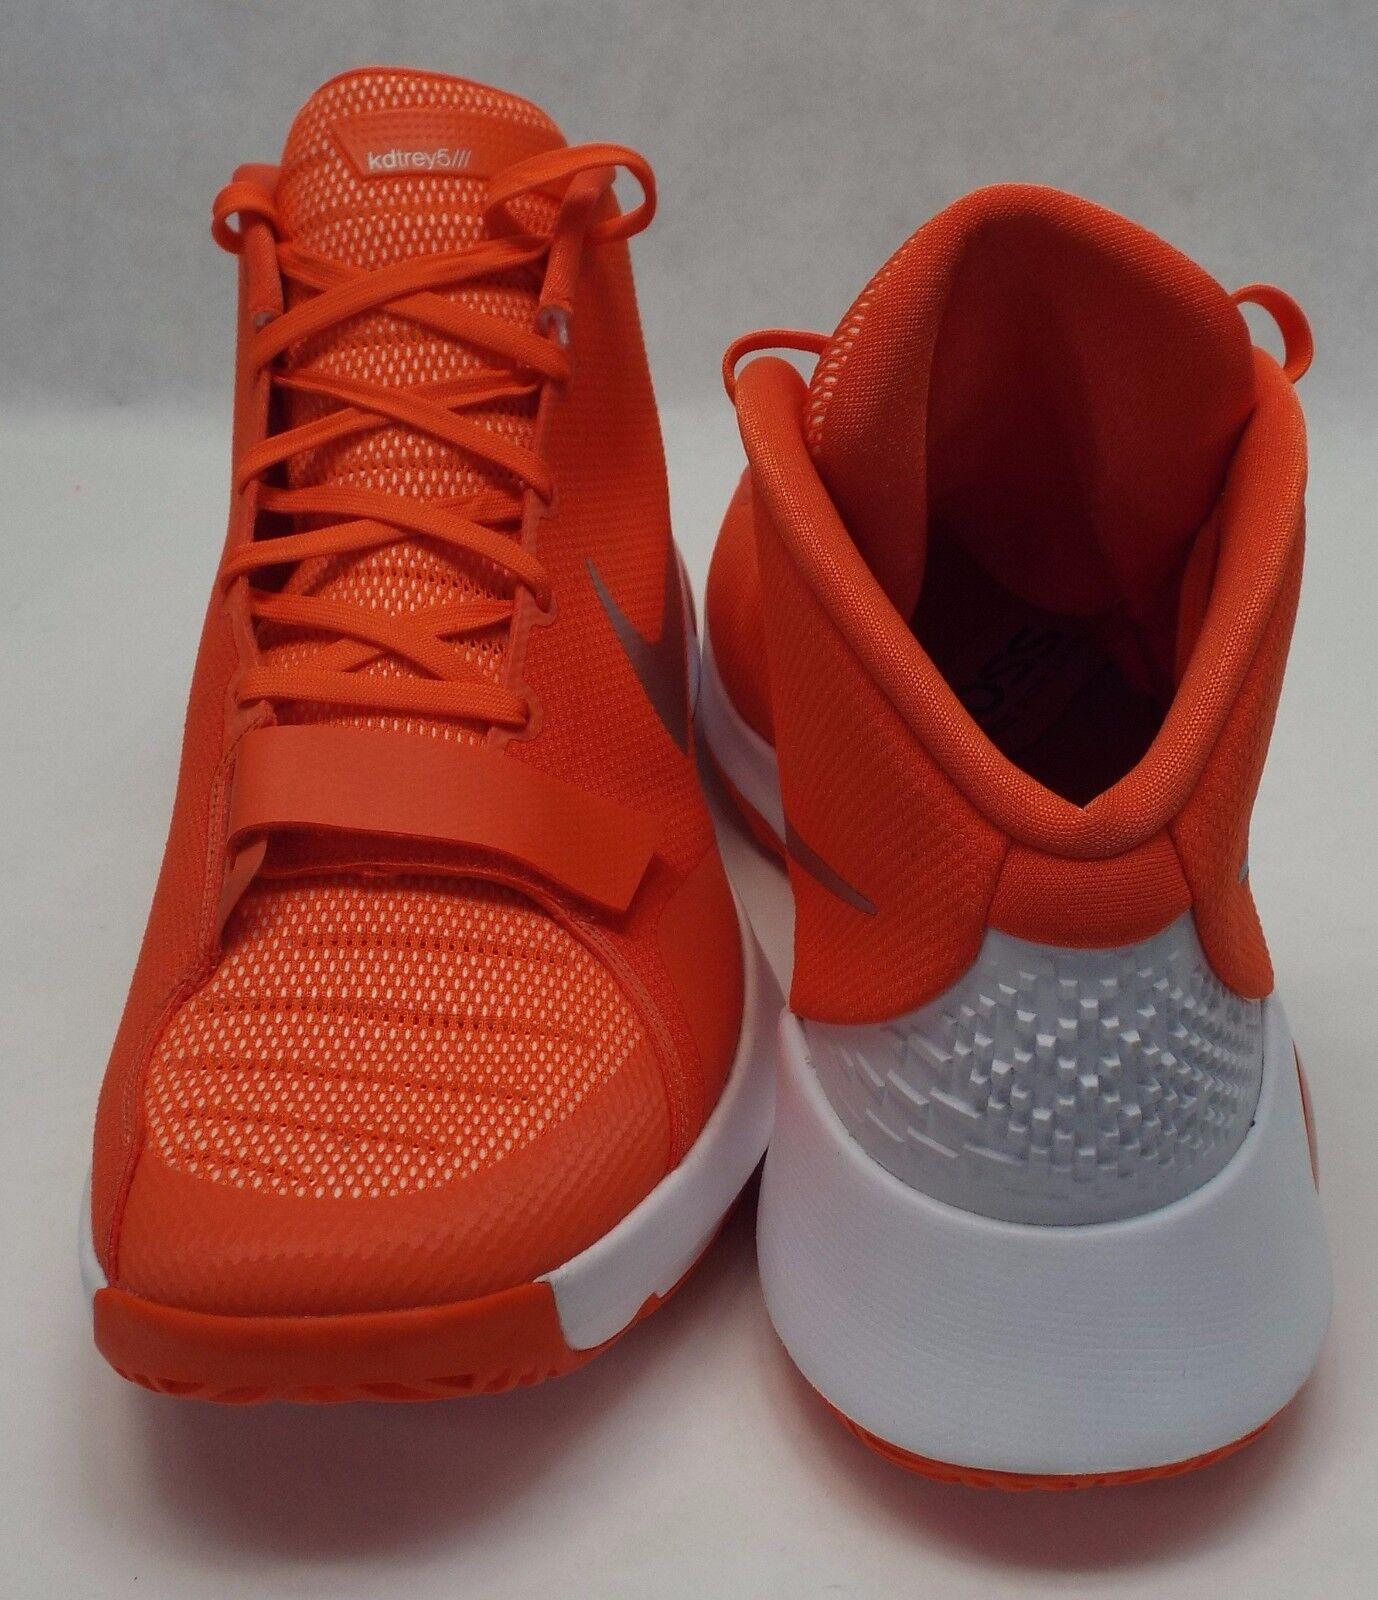 neue männer 18 nike kd trey 3 - orange - weiße basketball - 3 schuhe 150 812950-802 badd29